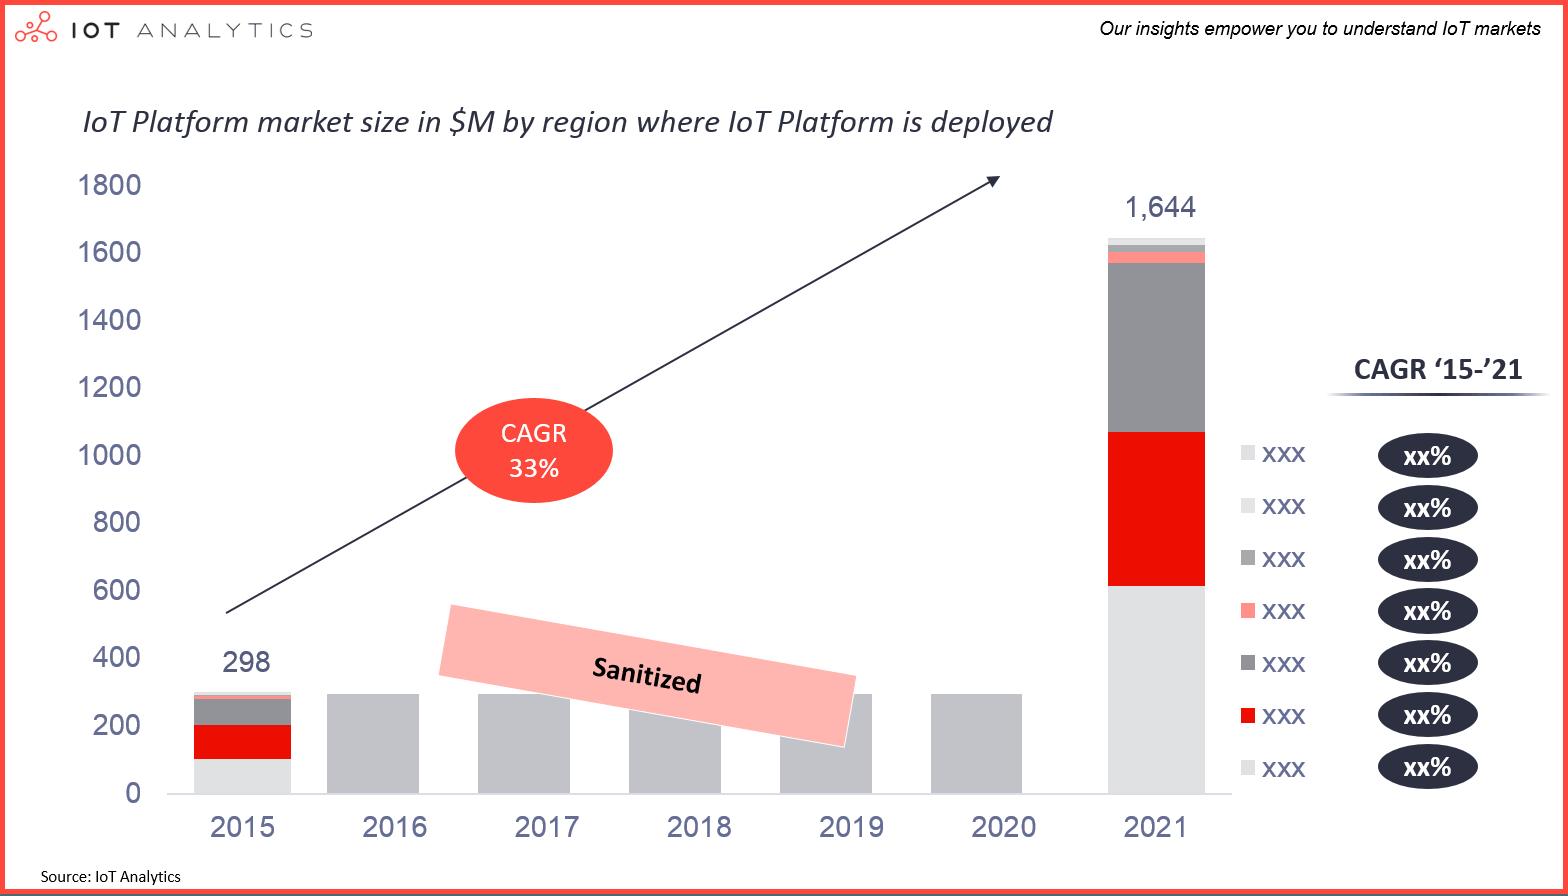 IoT Platforms Market 2015 - 2021 by region